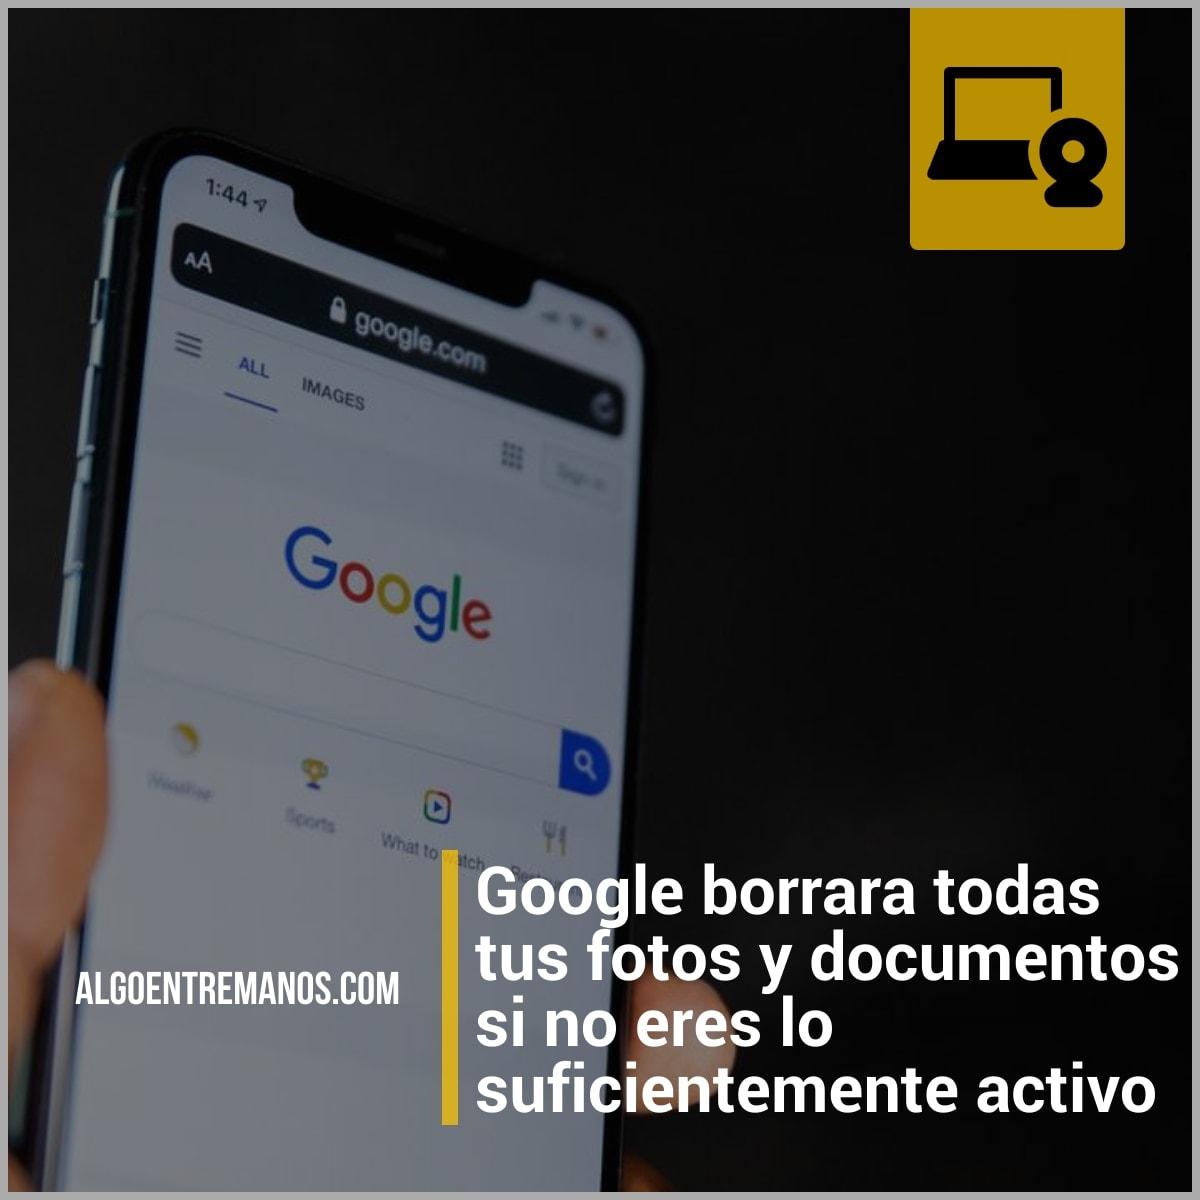 Google borrara todas tus fotos y documentos si no eres lo suficientemente activo